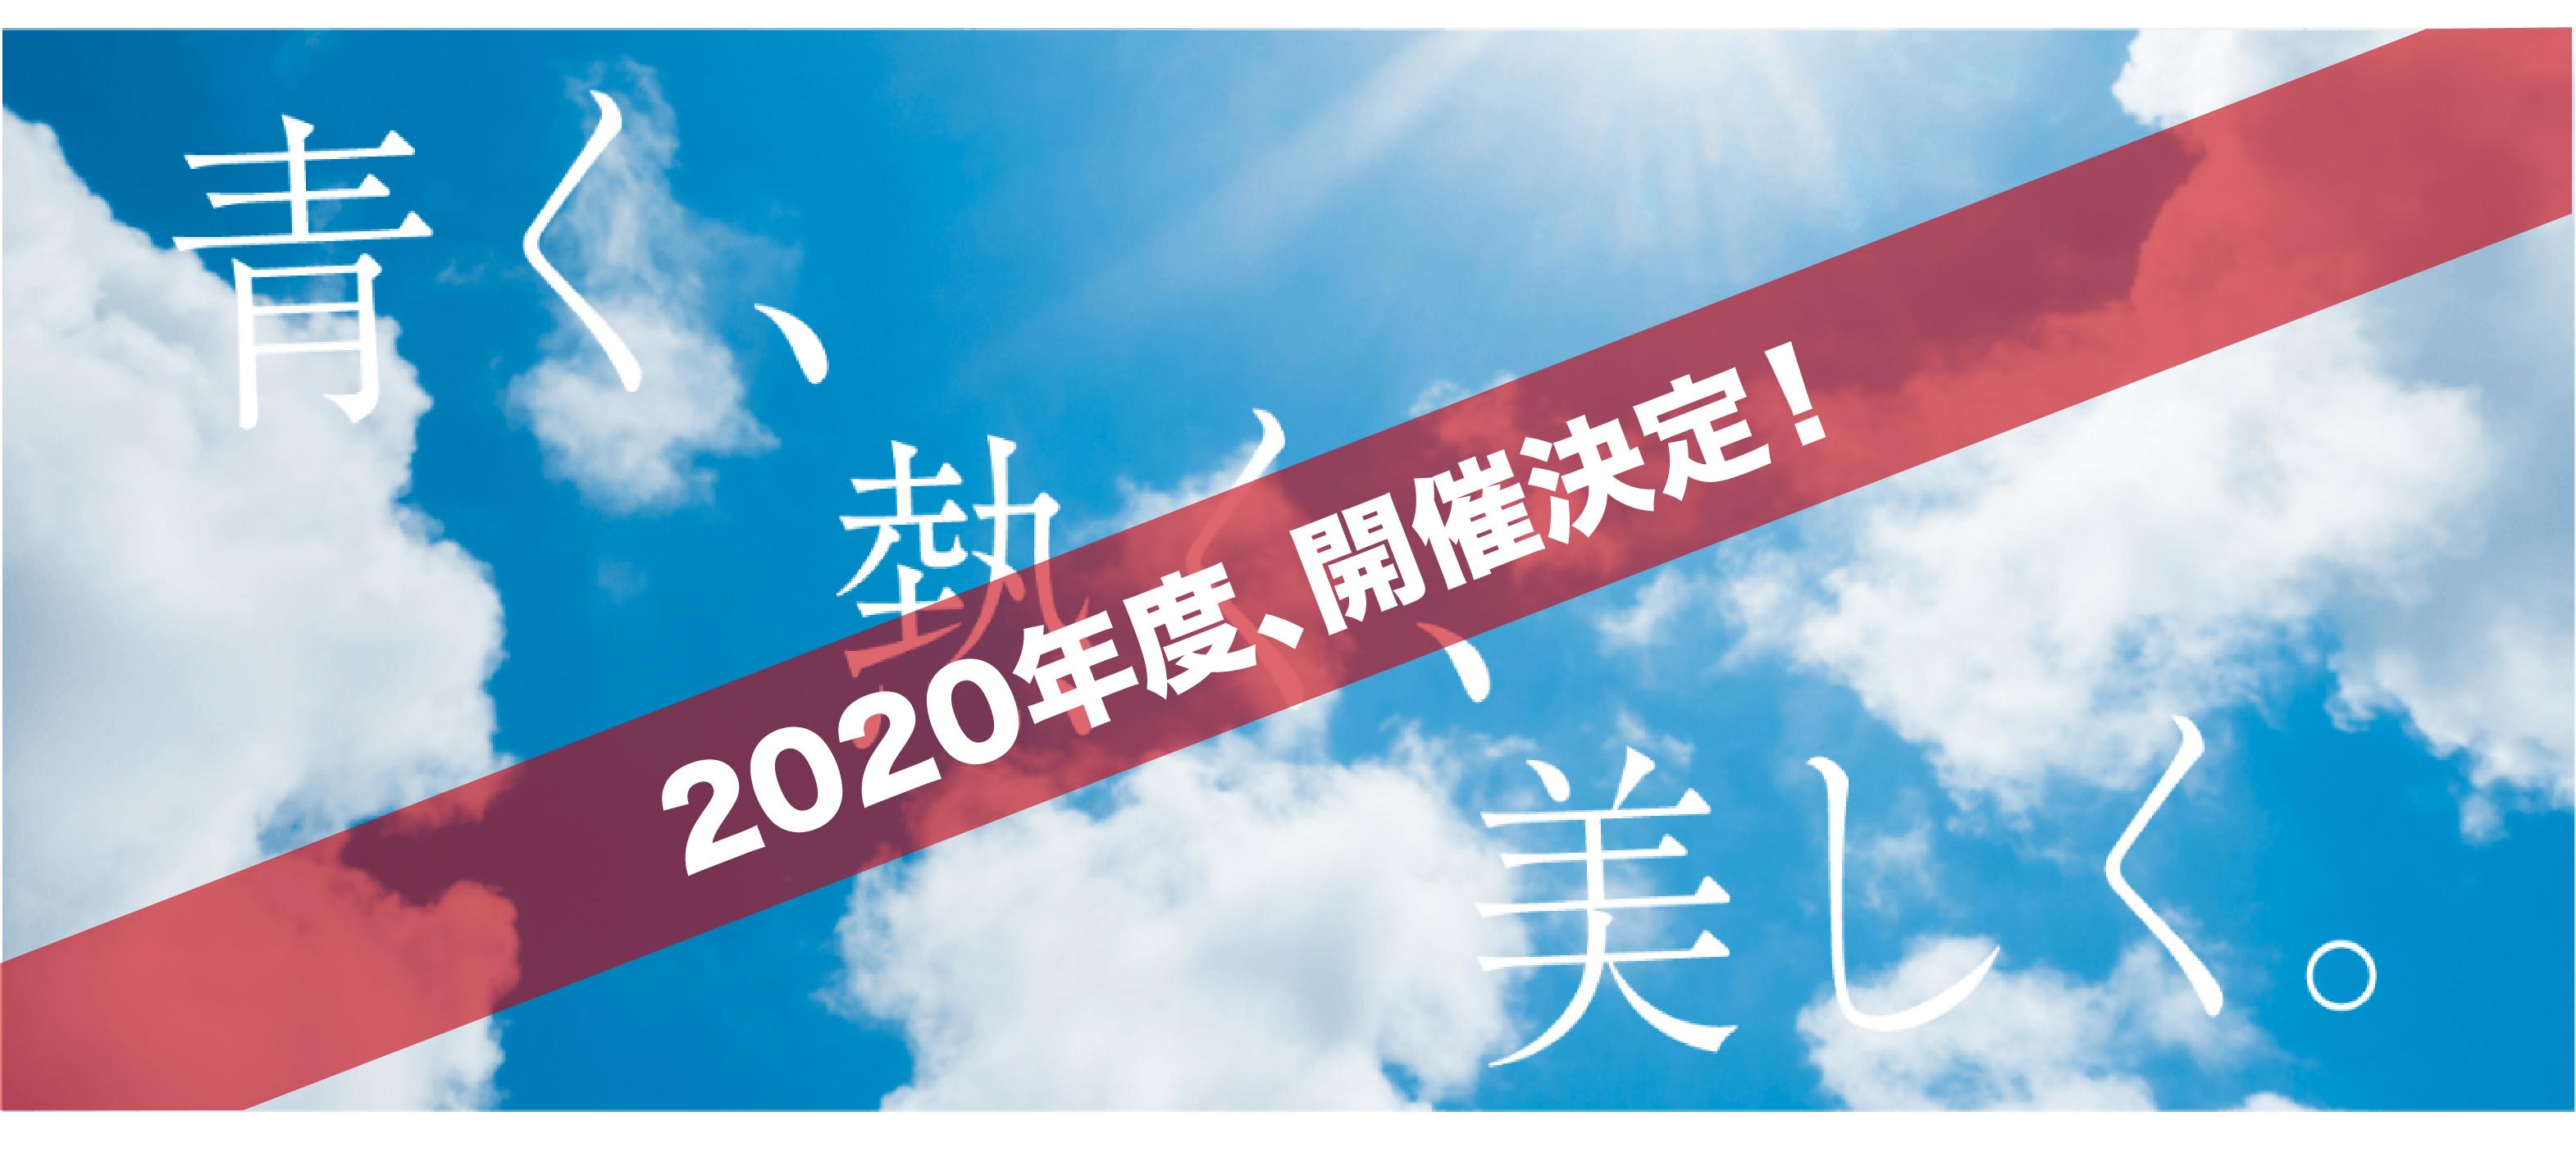 2020年度も開催決定!